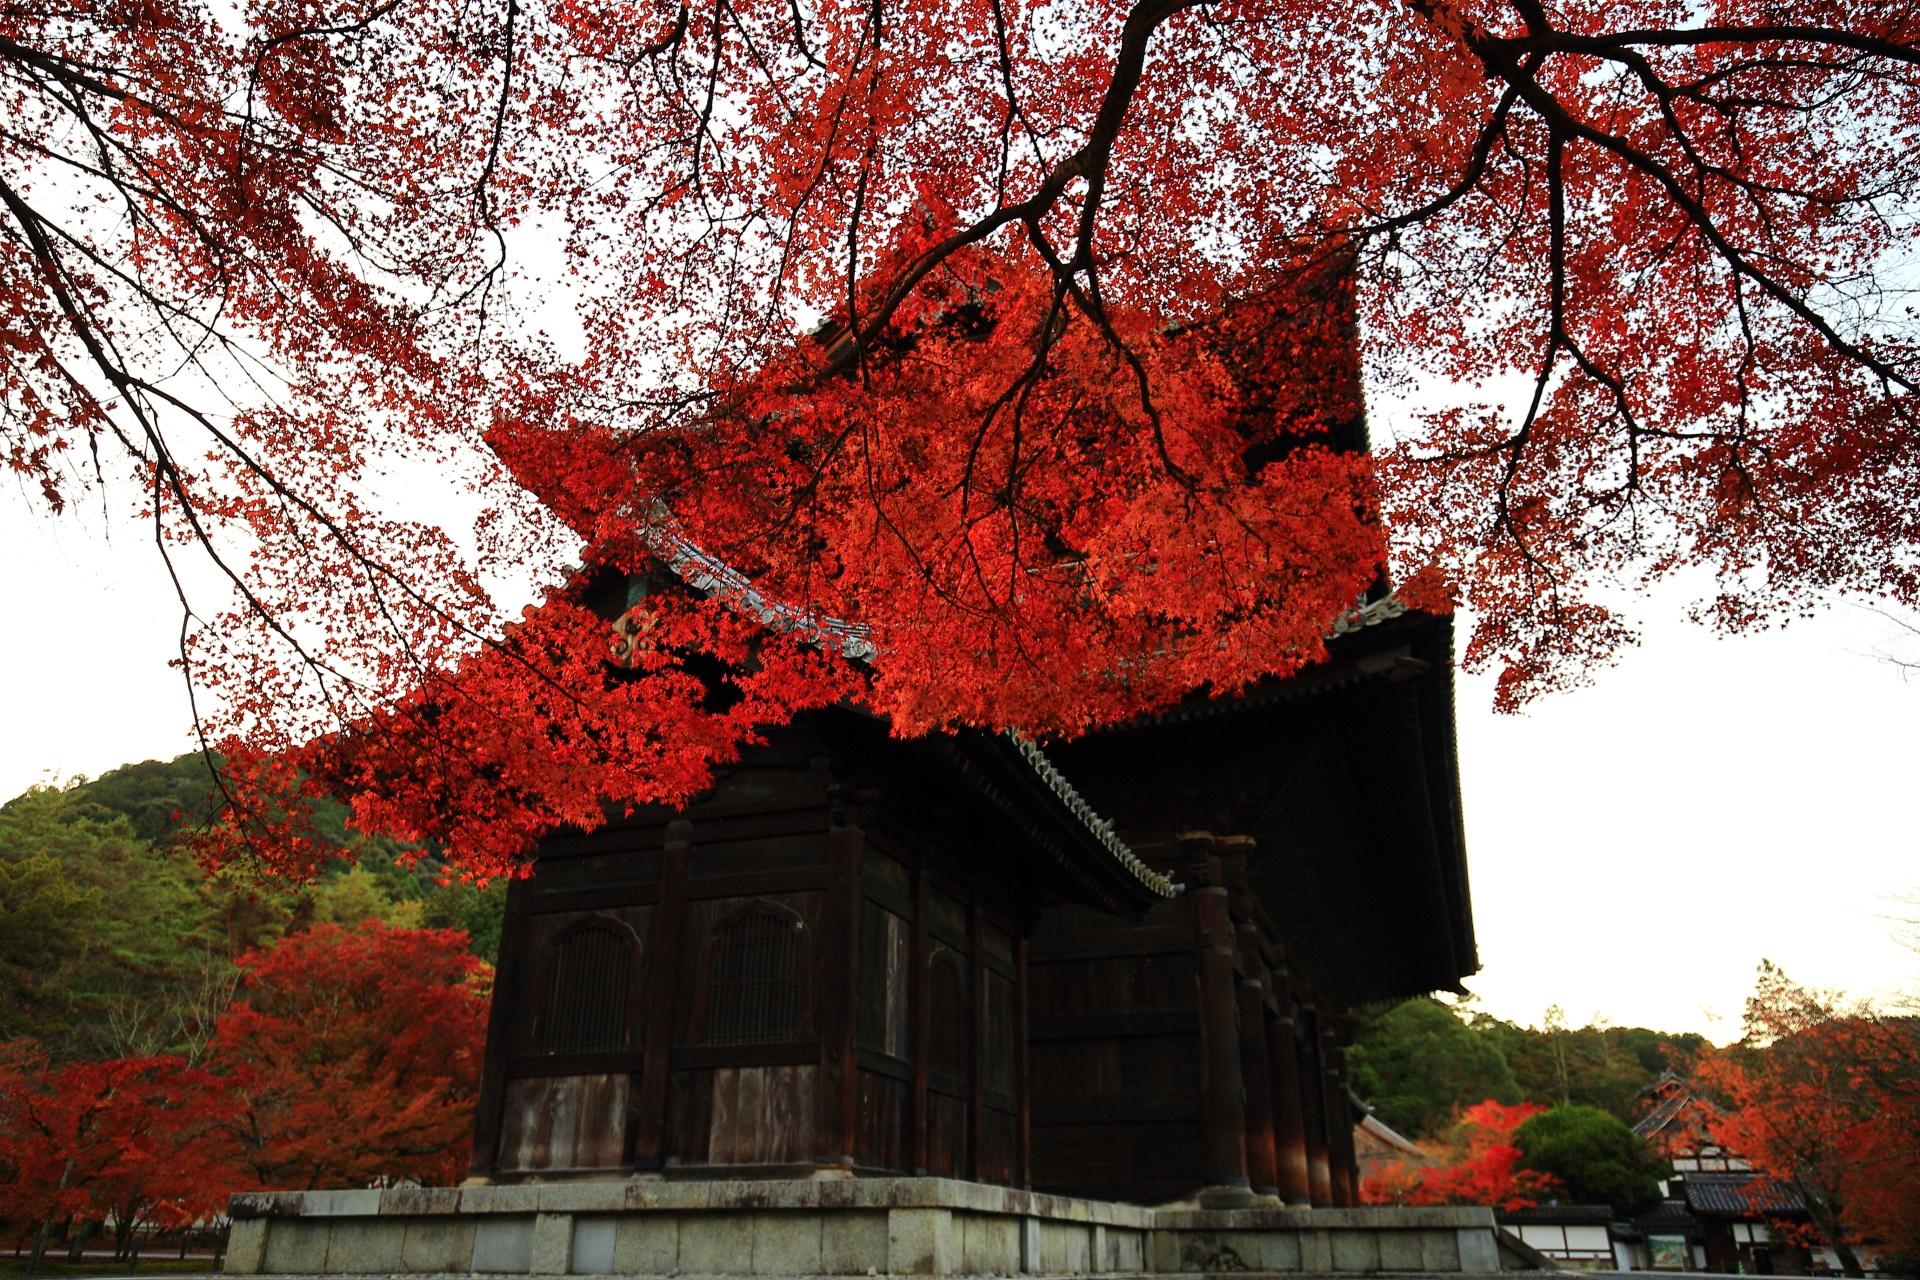 大きな三門を覆う真っ赤な紅葉